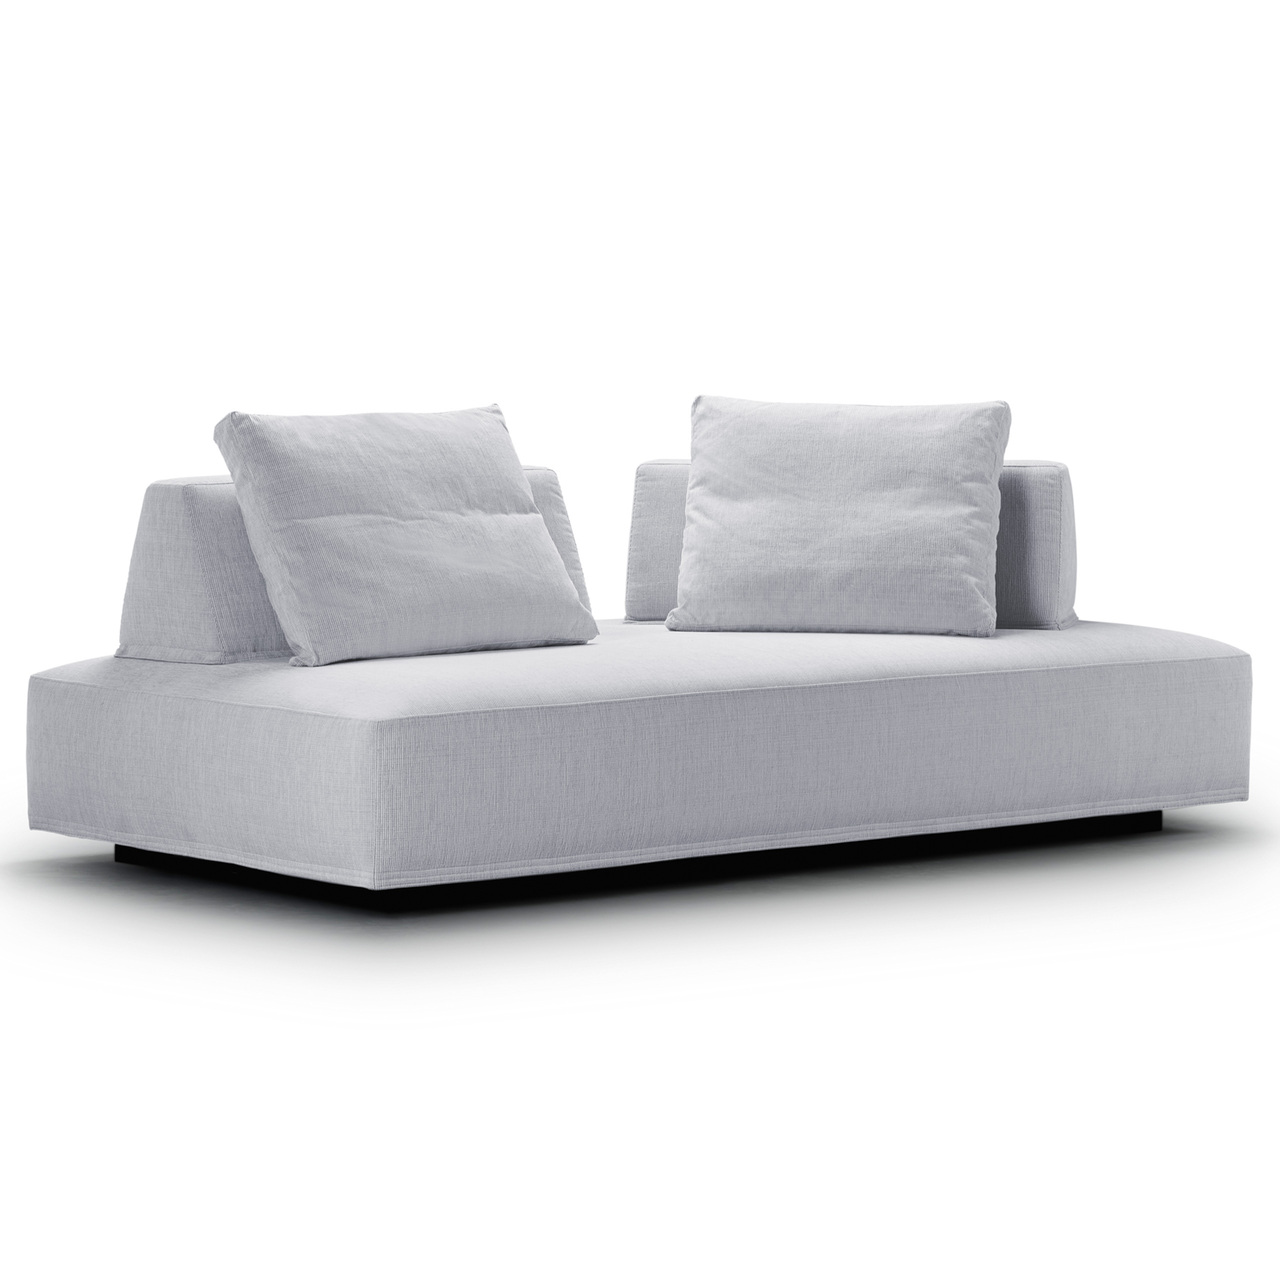 Eilersen Sofa 'Playground' Schwarz/Weiss 40 - Tangent, B: 200 cm / T: 130 cm